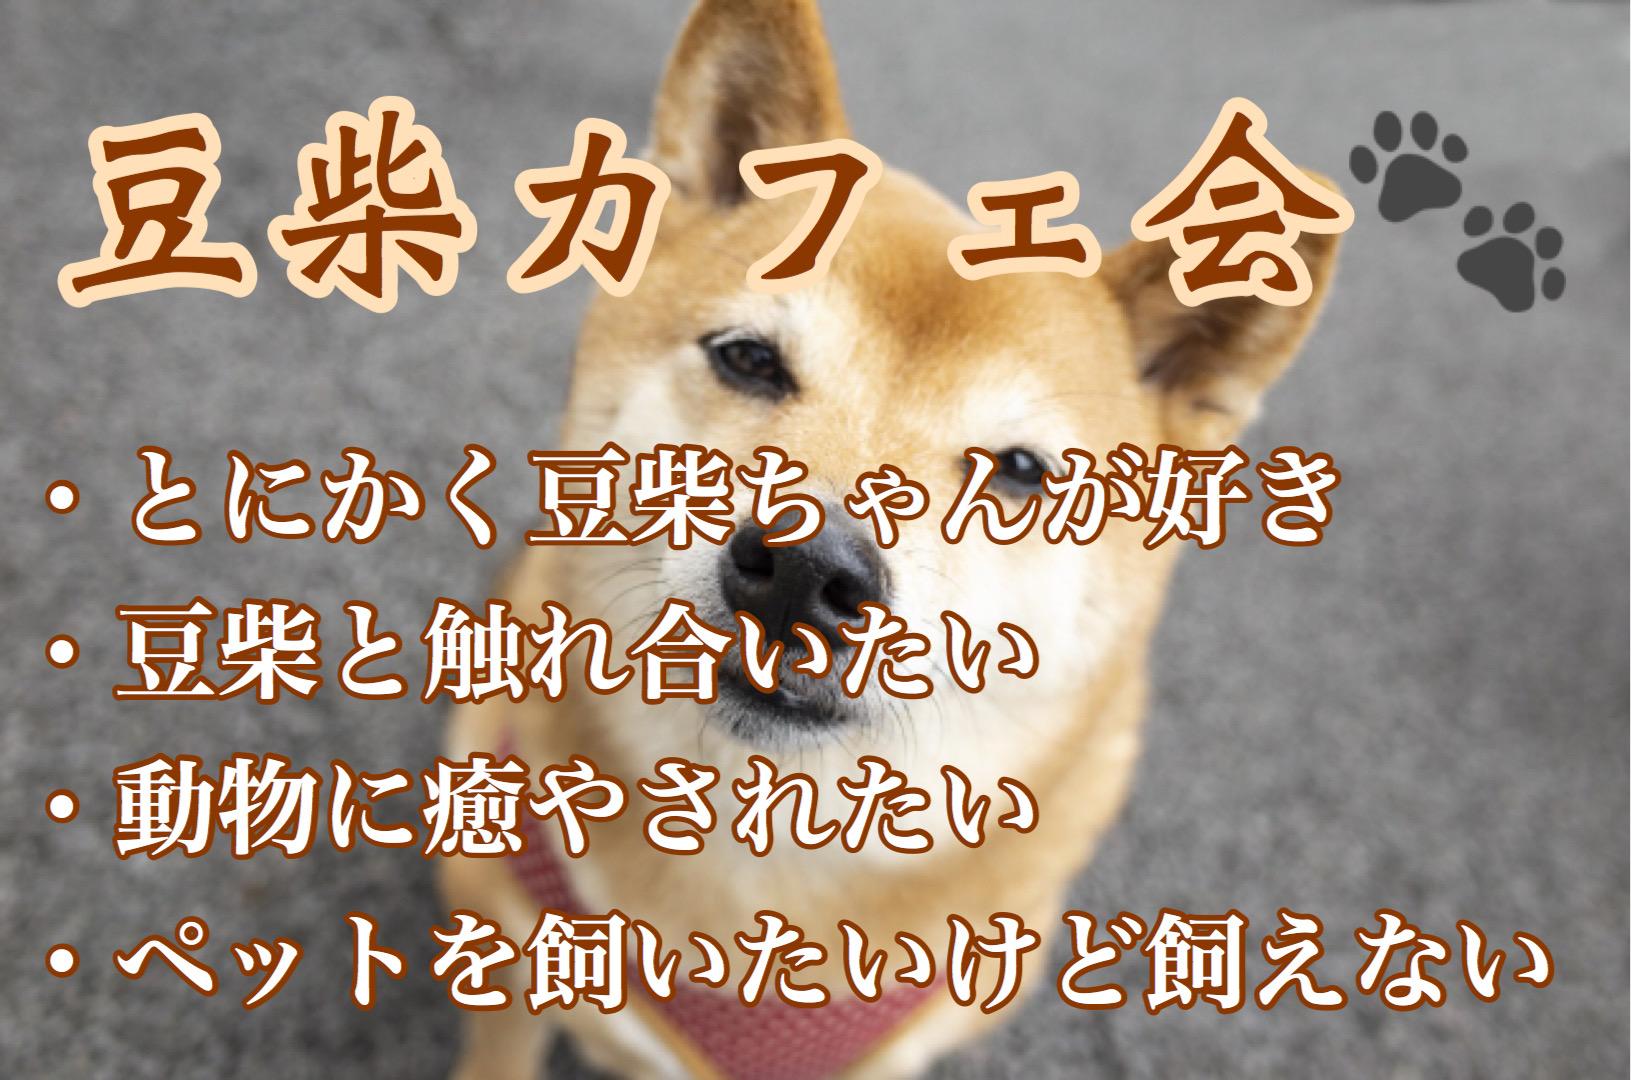 福岡交流イベント